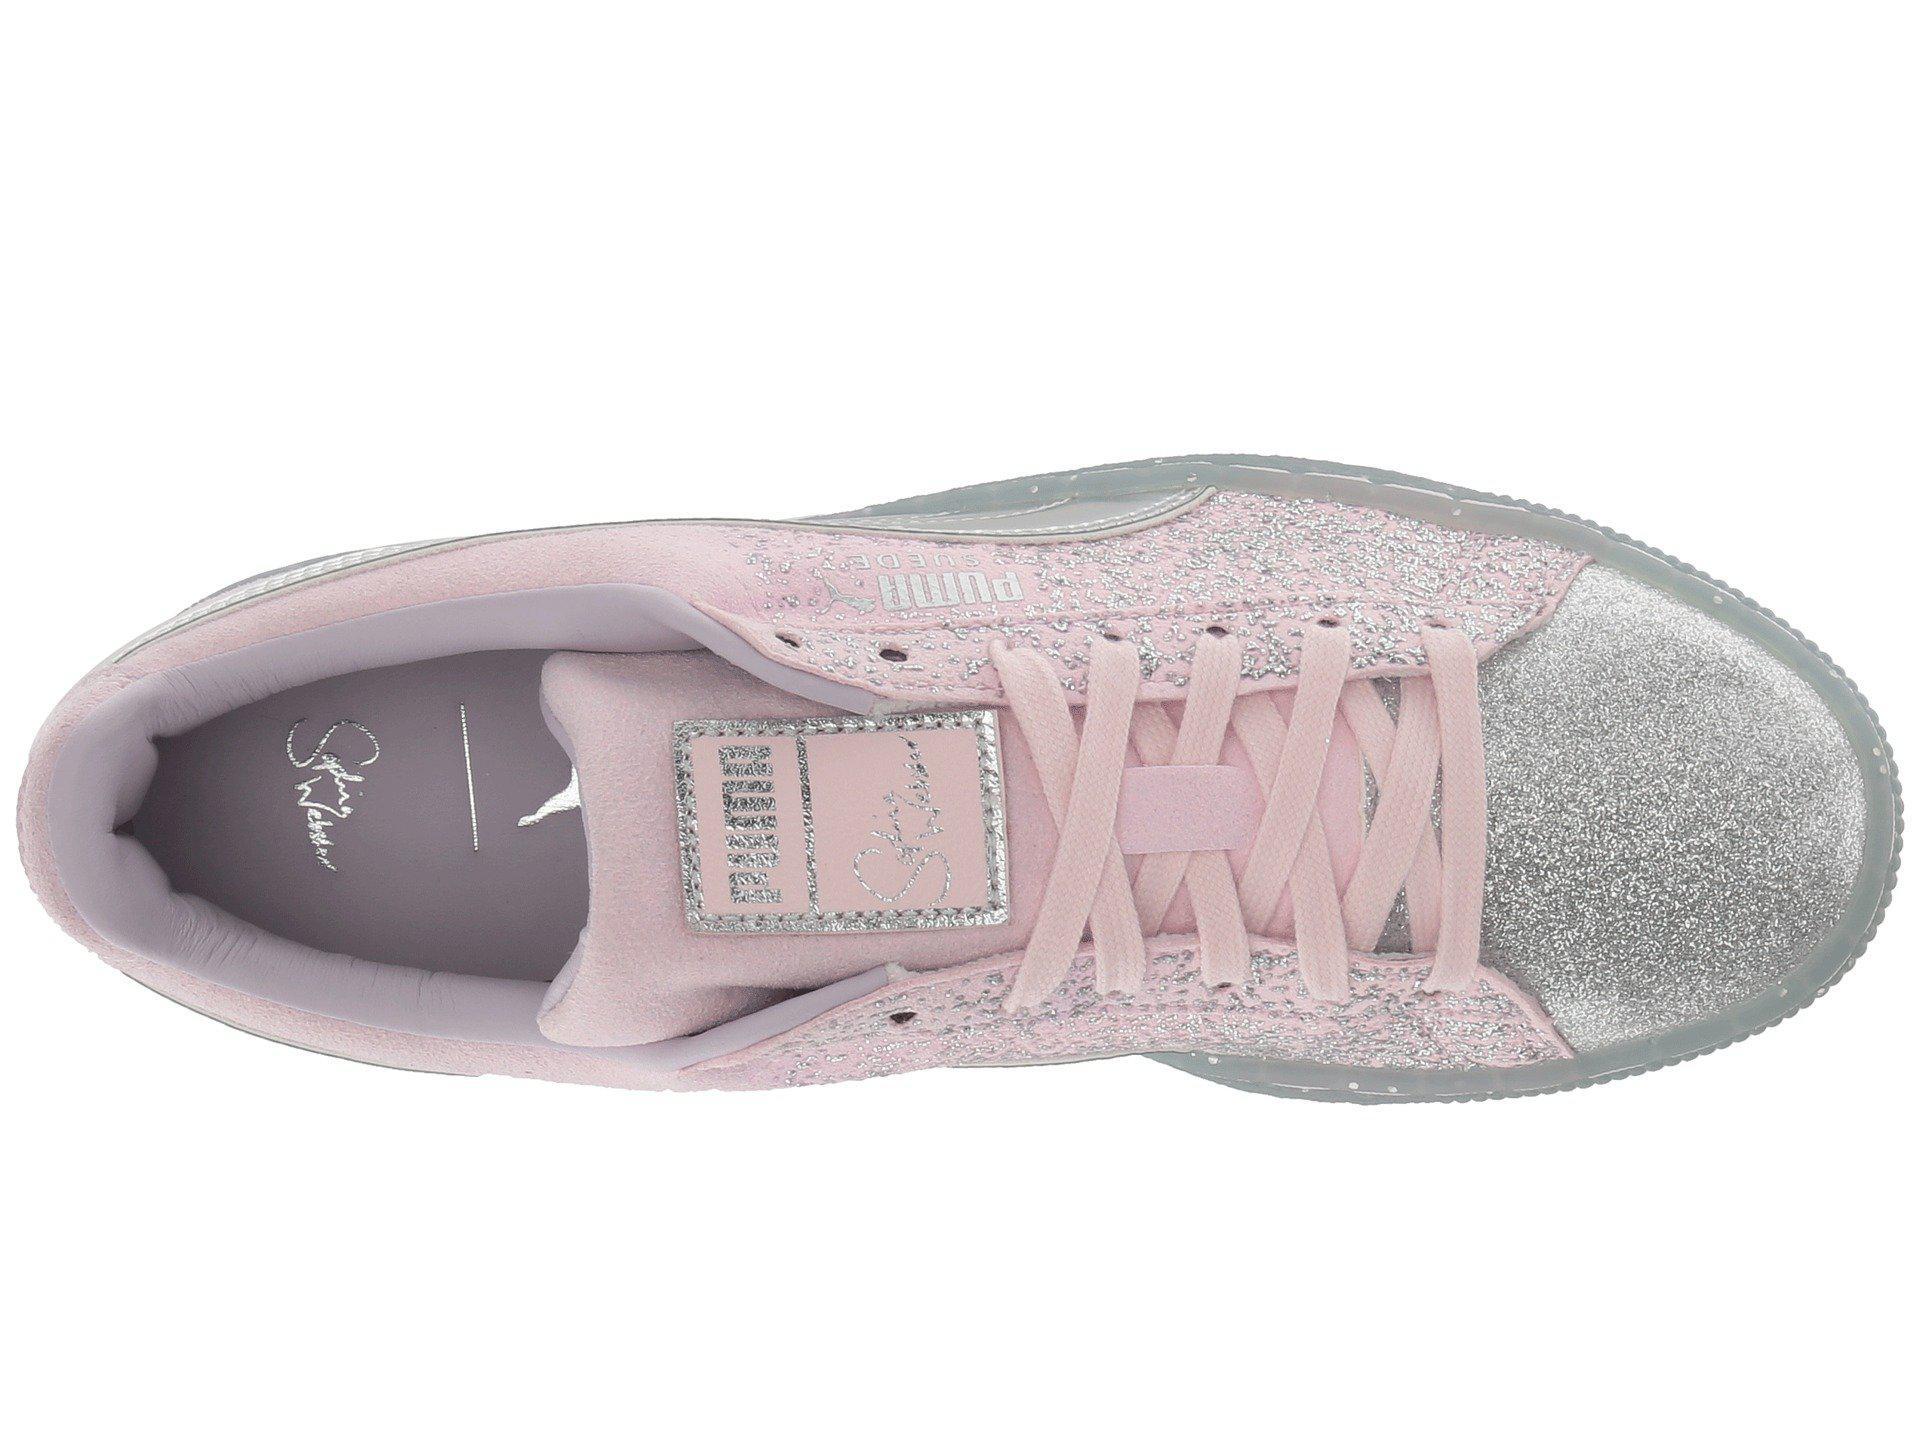 46013526fdd Lyst - PUMA X Sophia Webster Suede Glitter Princess Sneaker (orchid ...